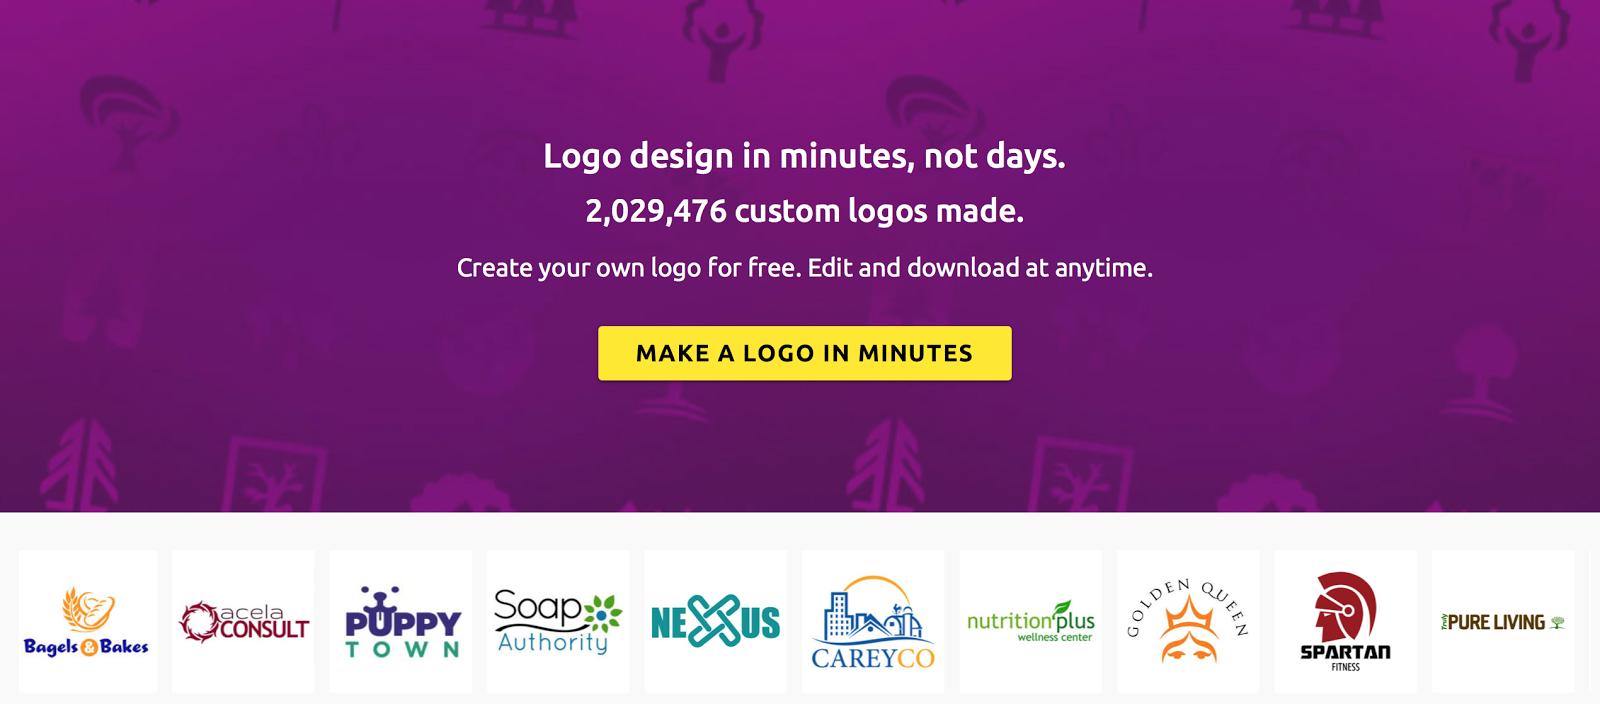 27 бесплатных сервисов для создания визуального контента без дизайнера - 28